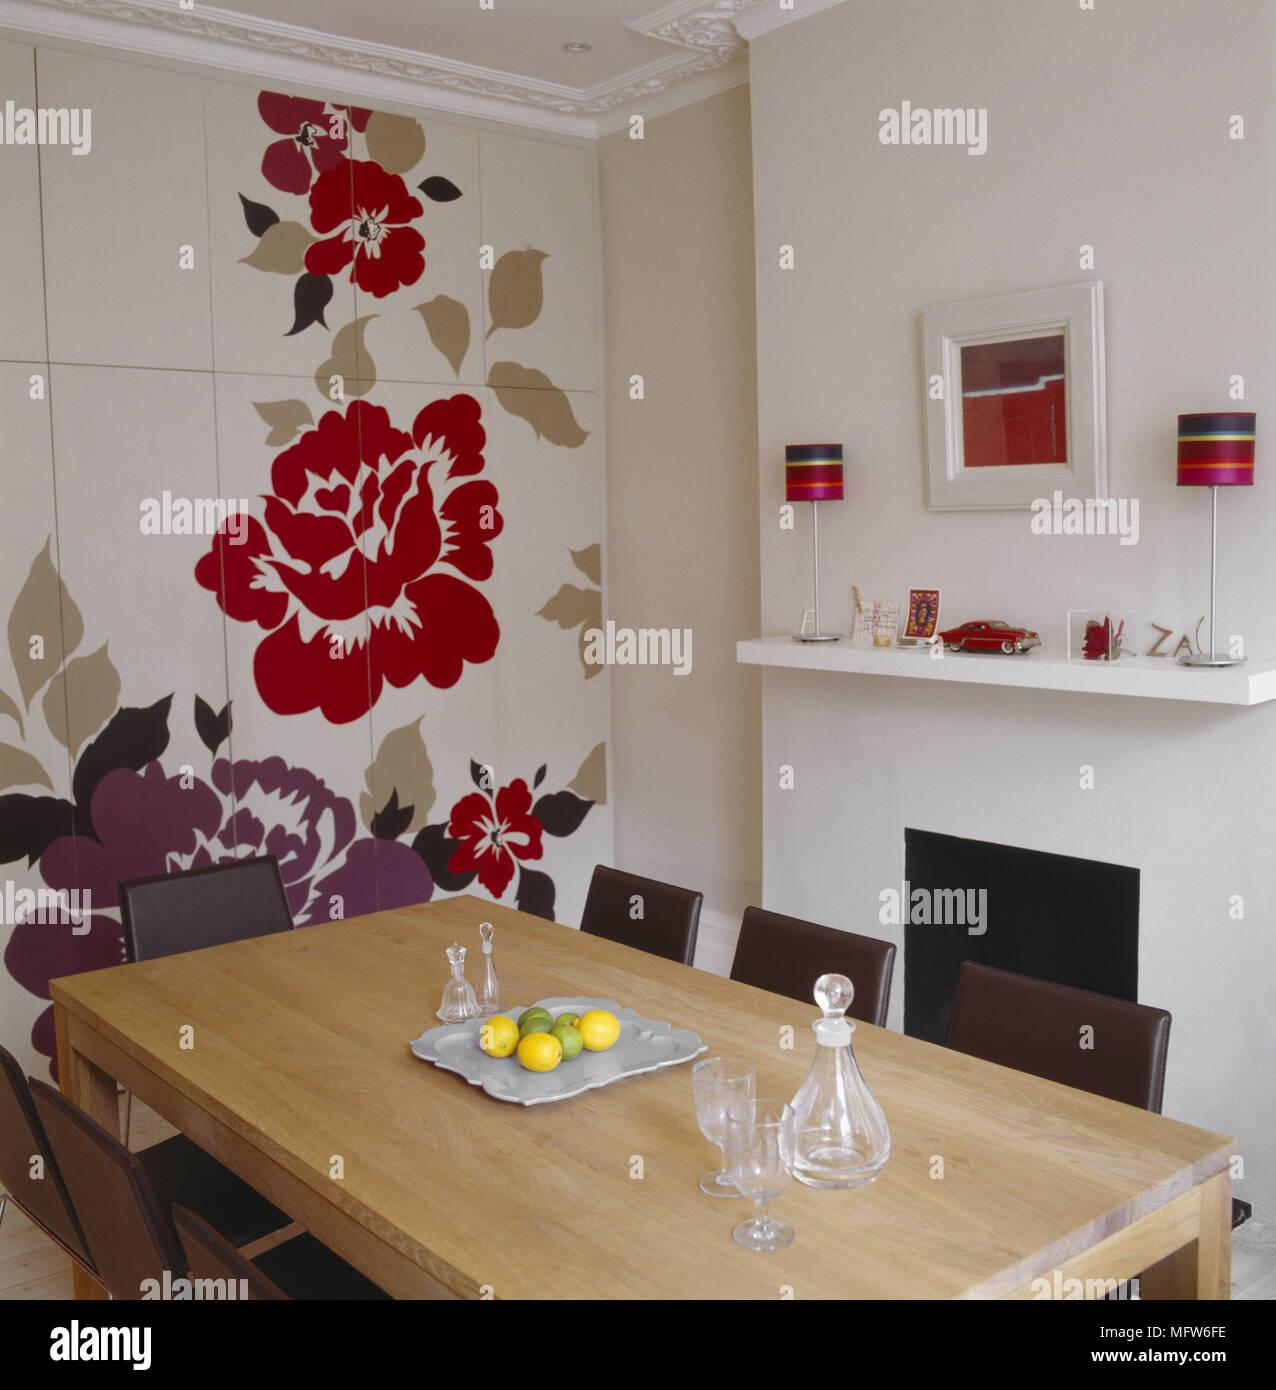 Un moderno comedor con chimenea simple pintado en la pared mural ...